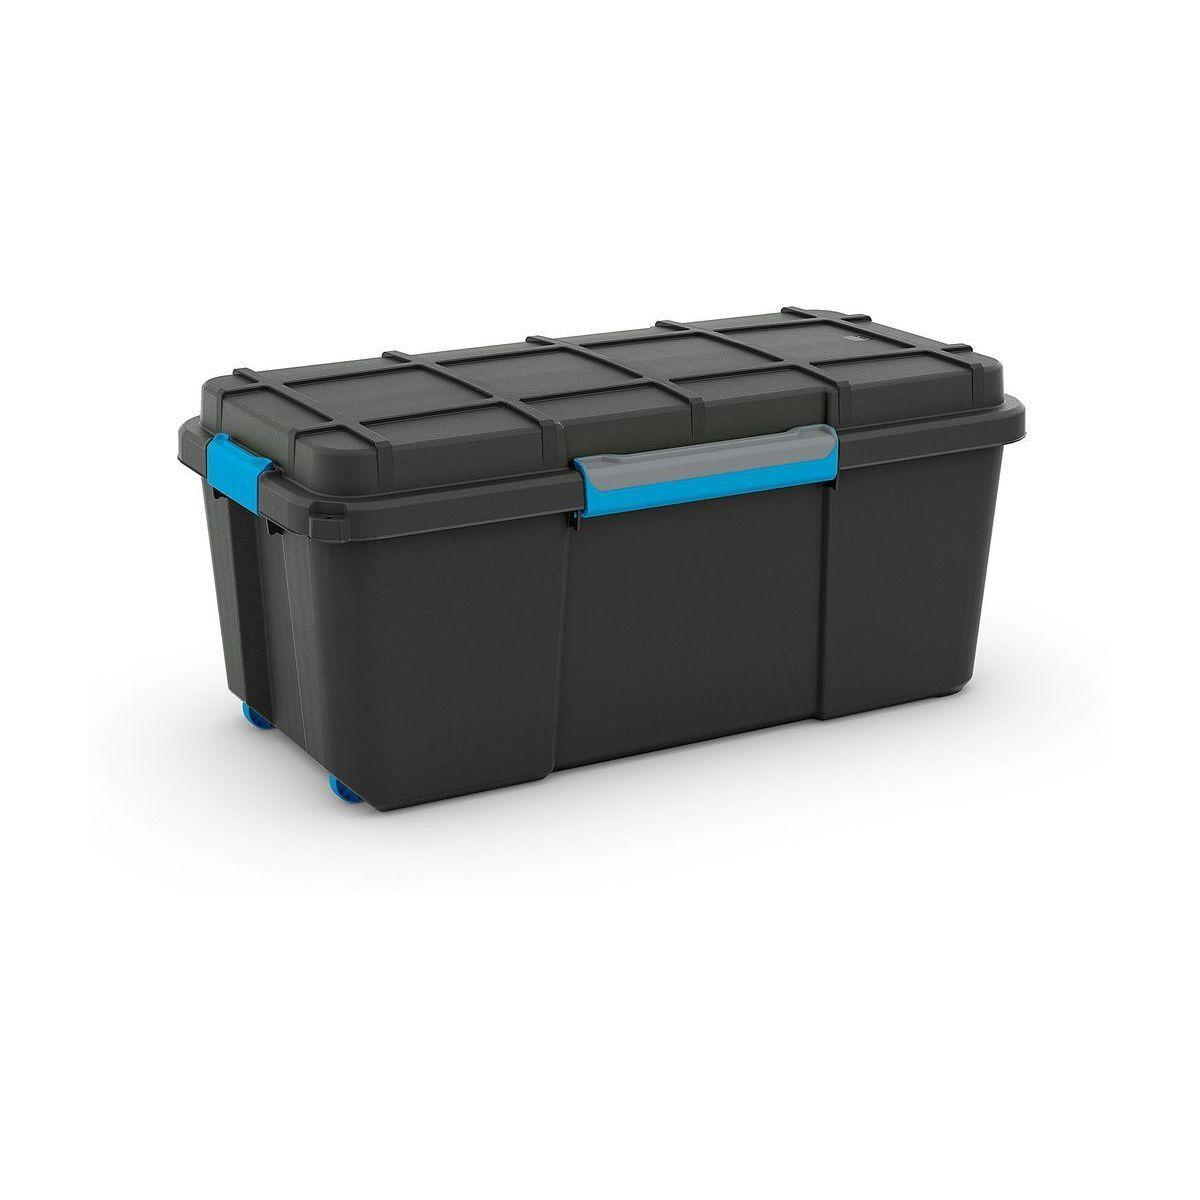 KIS Plastový úložný box - Scuba Box L, 74 L, modré zavírání